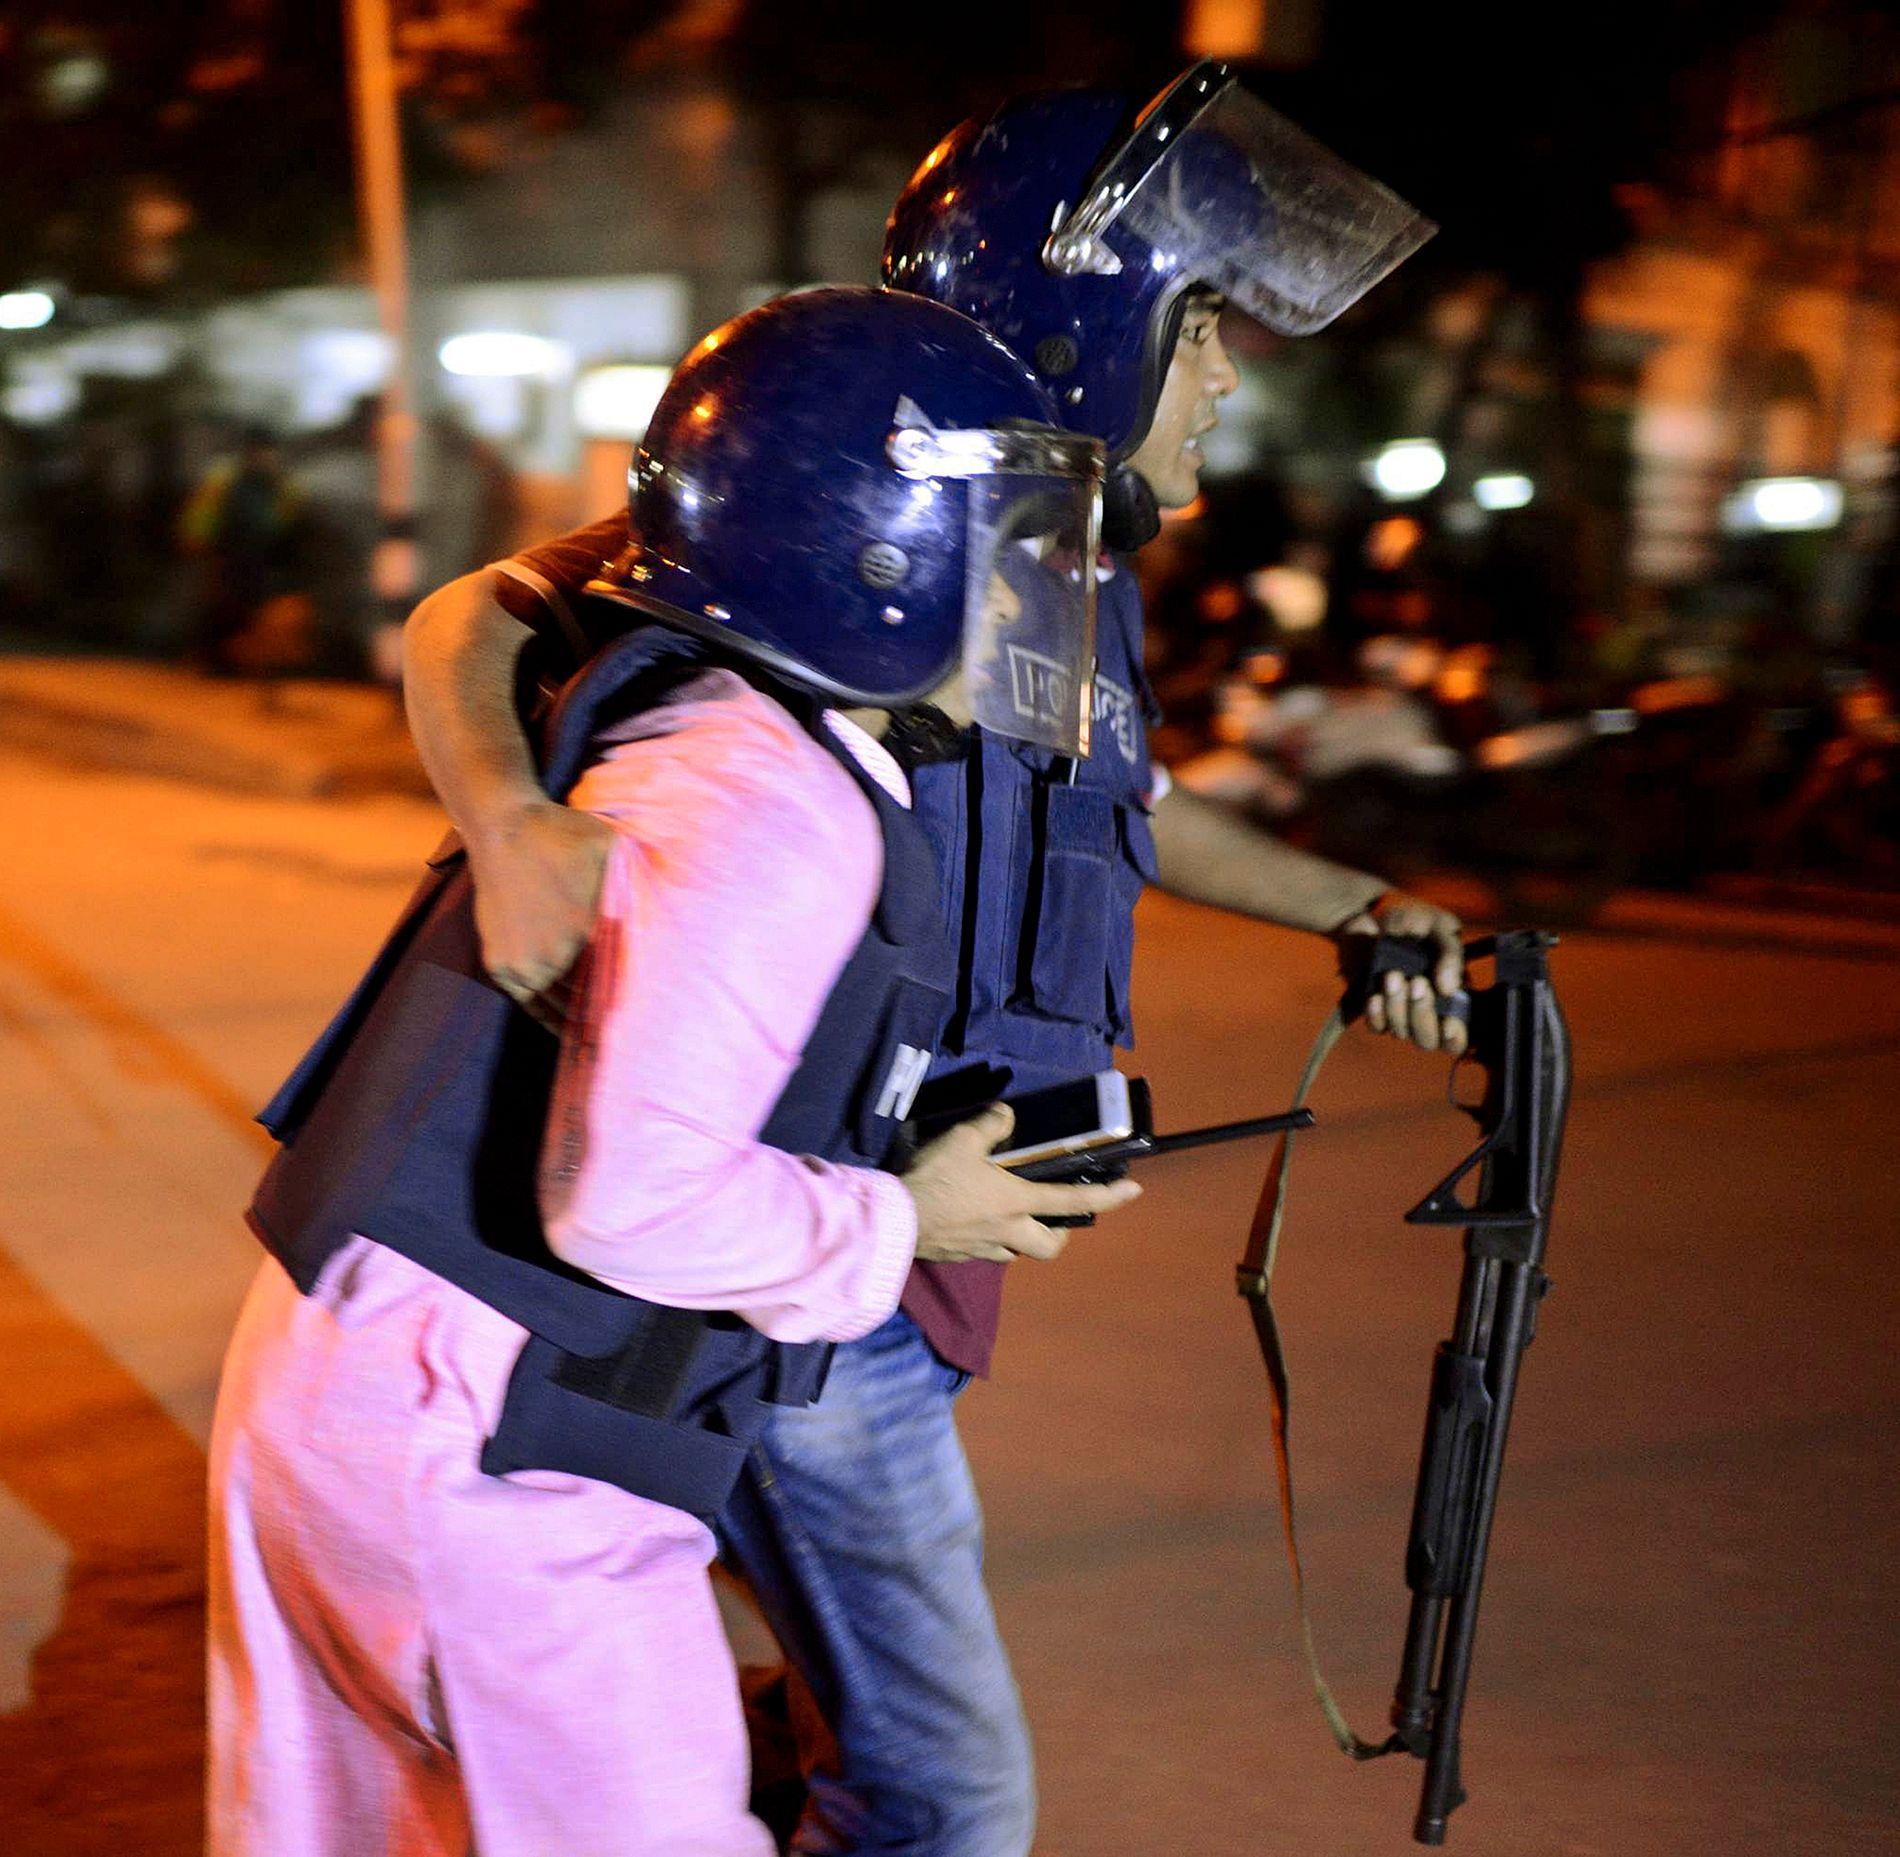 SIKKERHET: En uidentifisert person blir brakt i sikkerhet nær kafeen hvor 20 personer, deriblant flere utlendinger, blir holdt som gisler i Dhaka, Bangladesh.